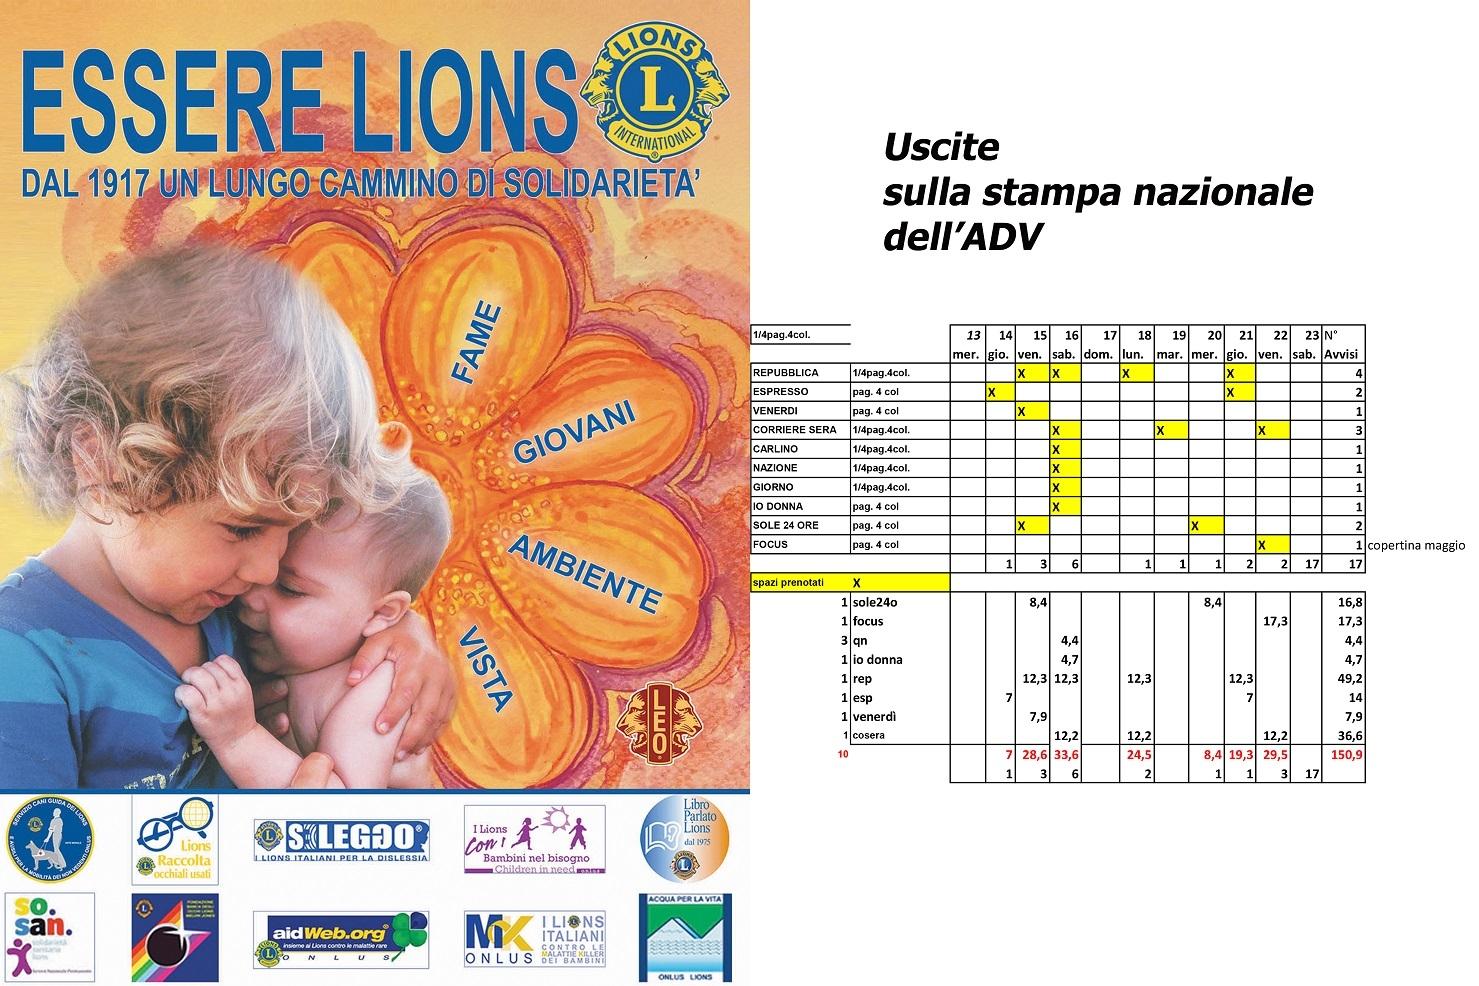 DISTRETTO 108 TA3: LIONS DAY, tabella delle uscite sulla stampa nazionale dell'ADV elaborato dalla struttura per le PPRR